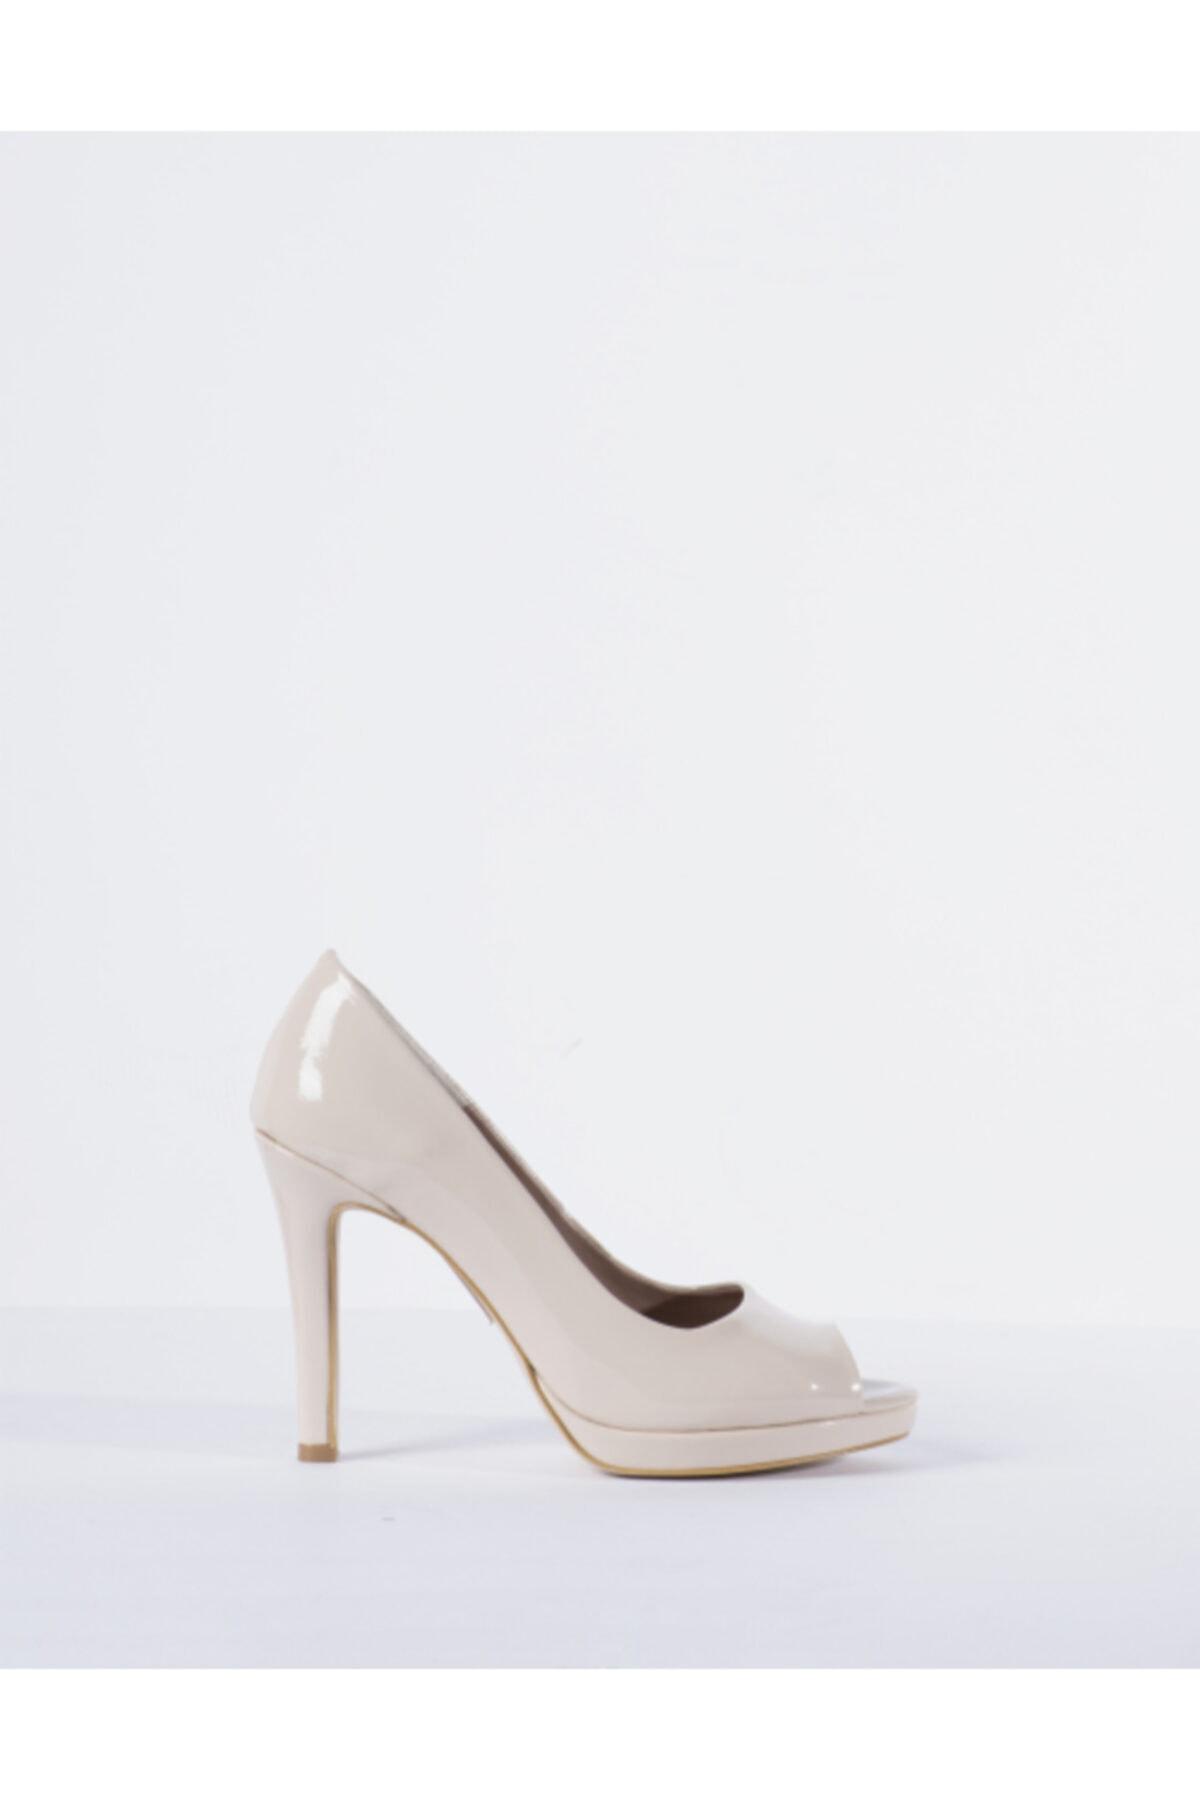 Vision Kadın Krem Rugan Burnu Açık Topuklu Ayakkabı 1